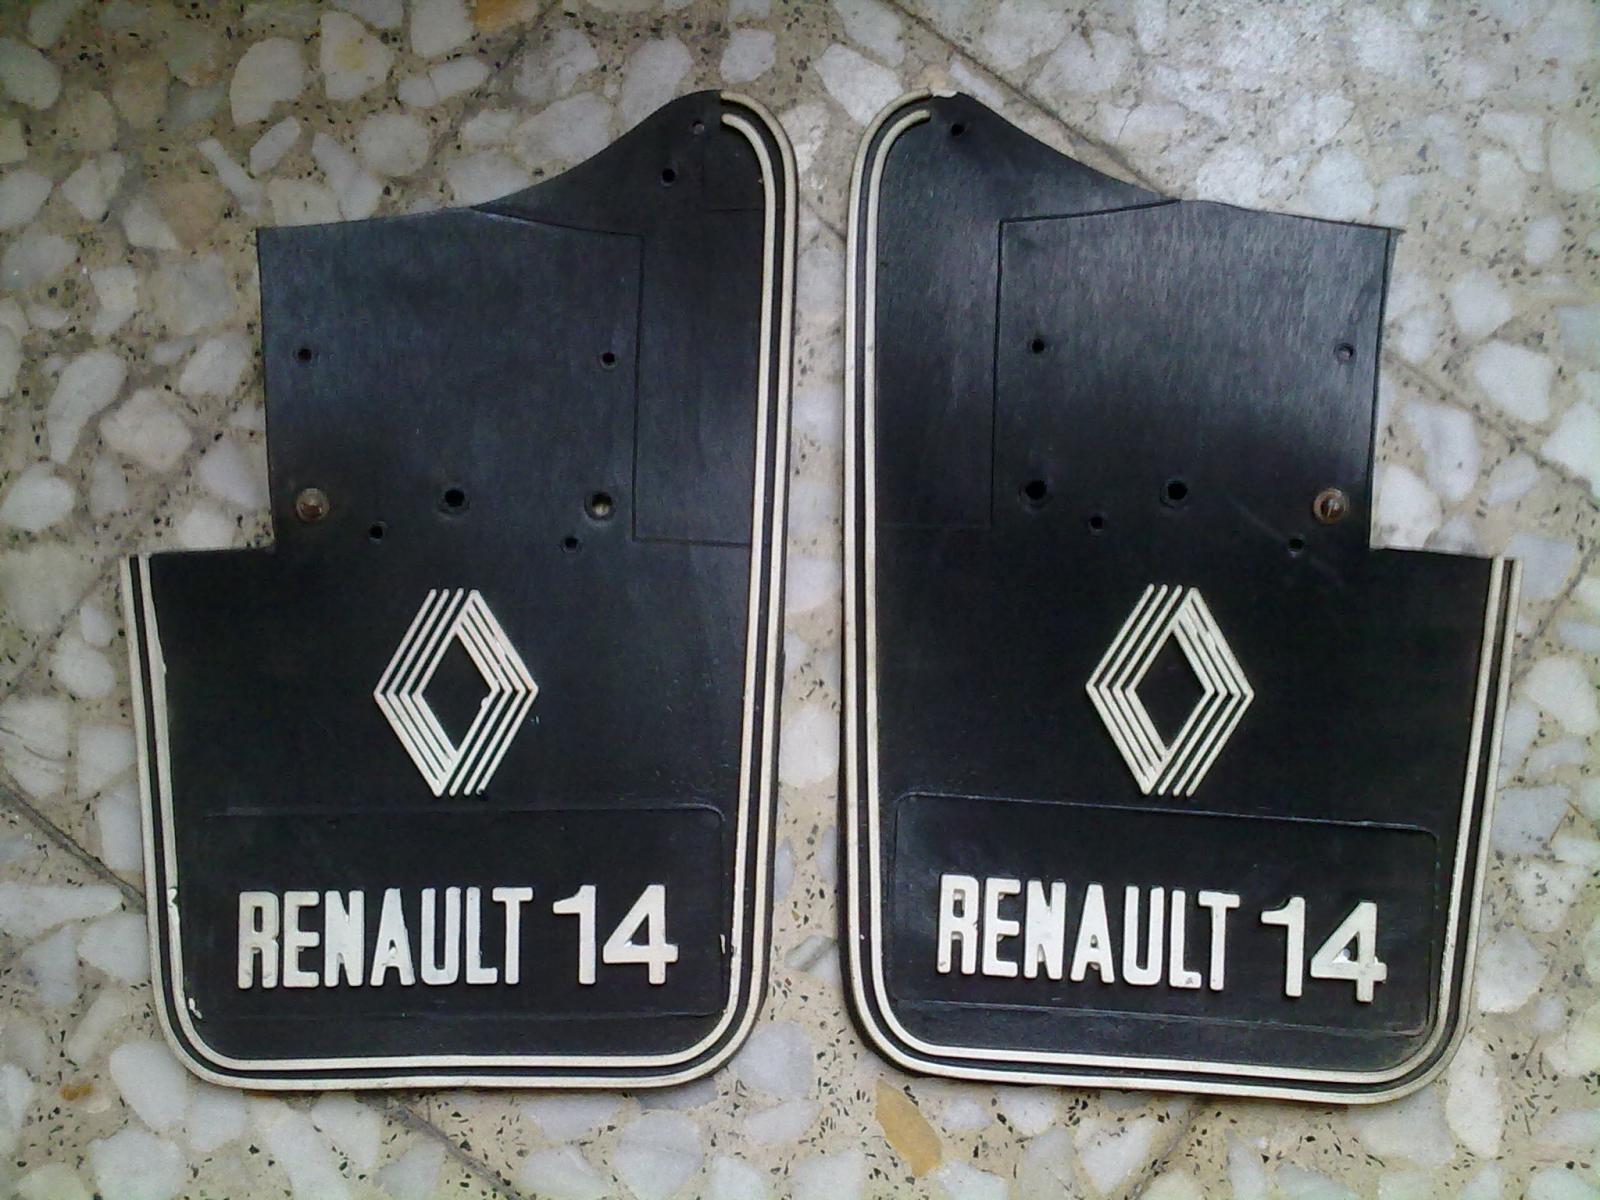 Faldillas de Renault 14